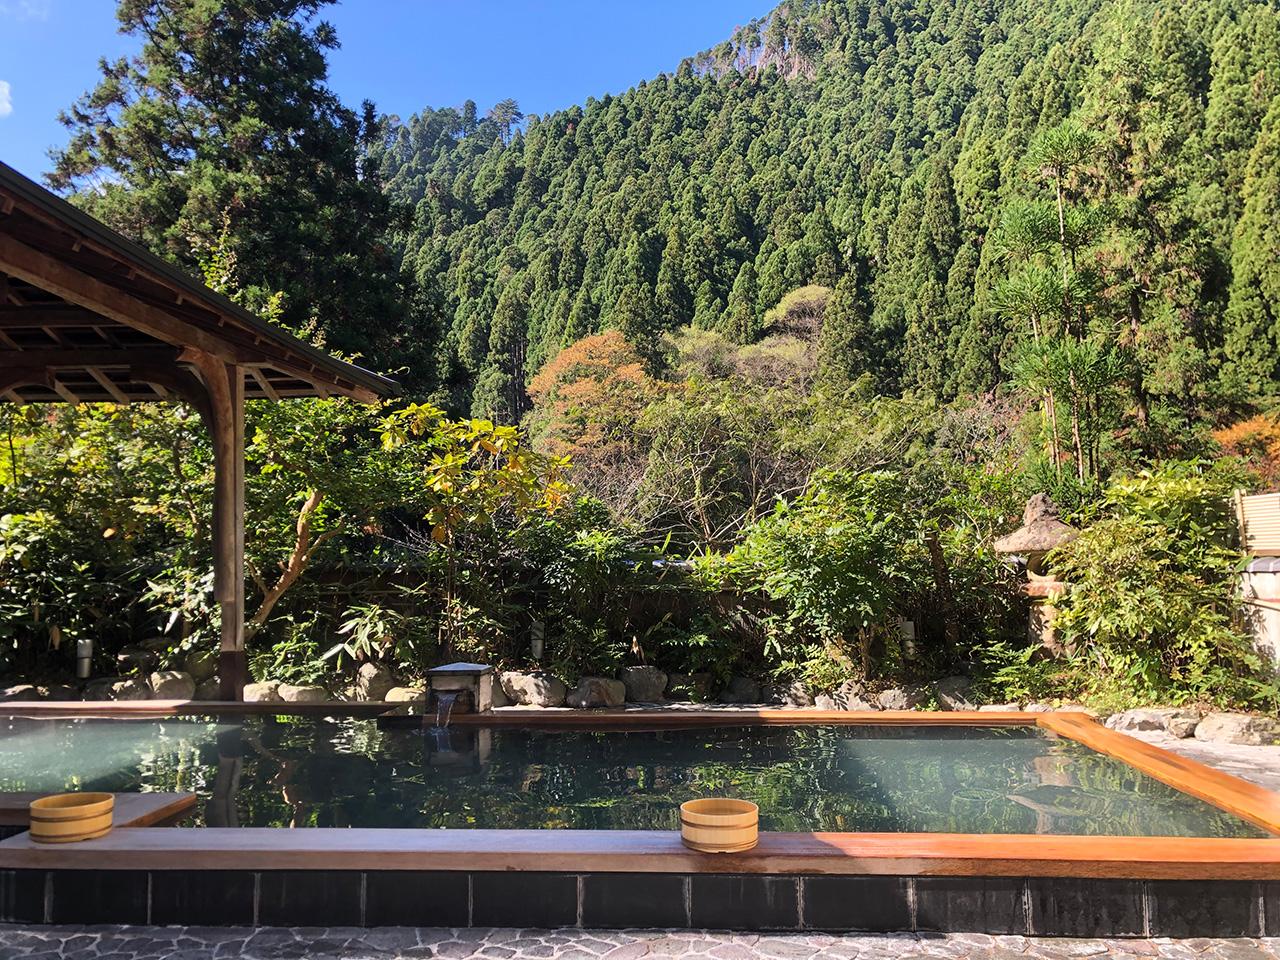 〈くらま温泉〉の露天風呂「峰麓湯」